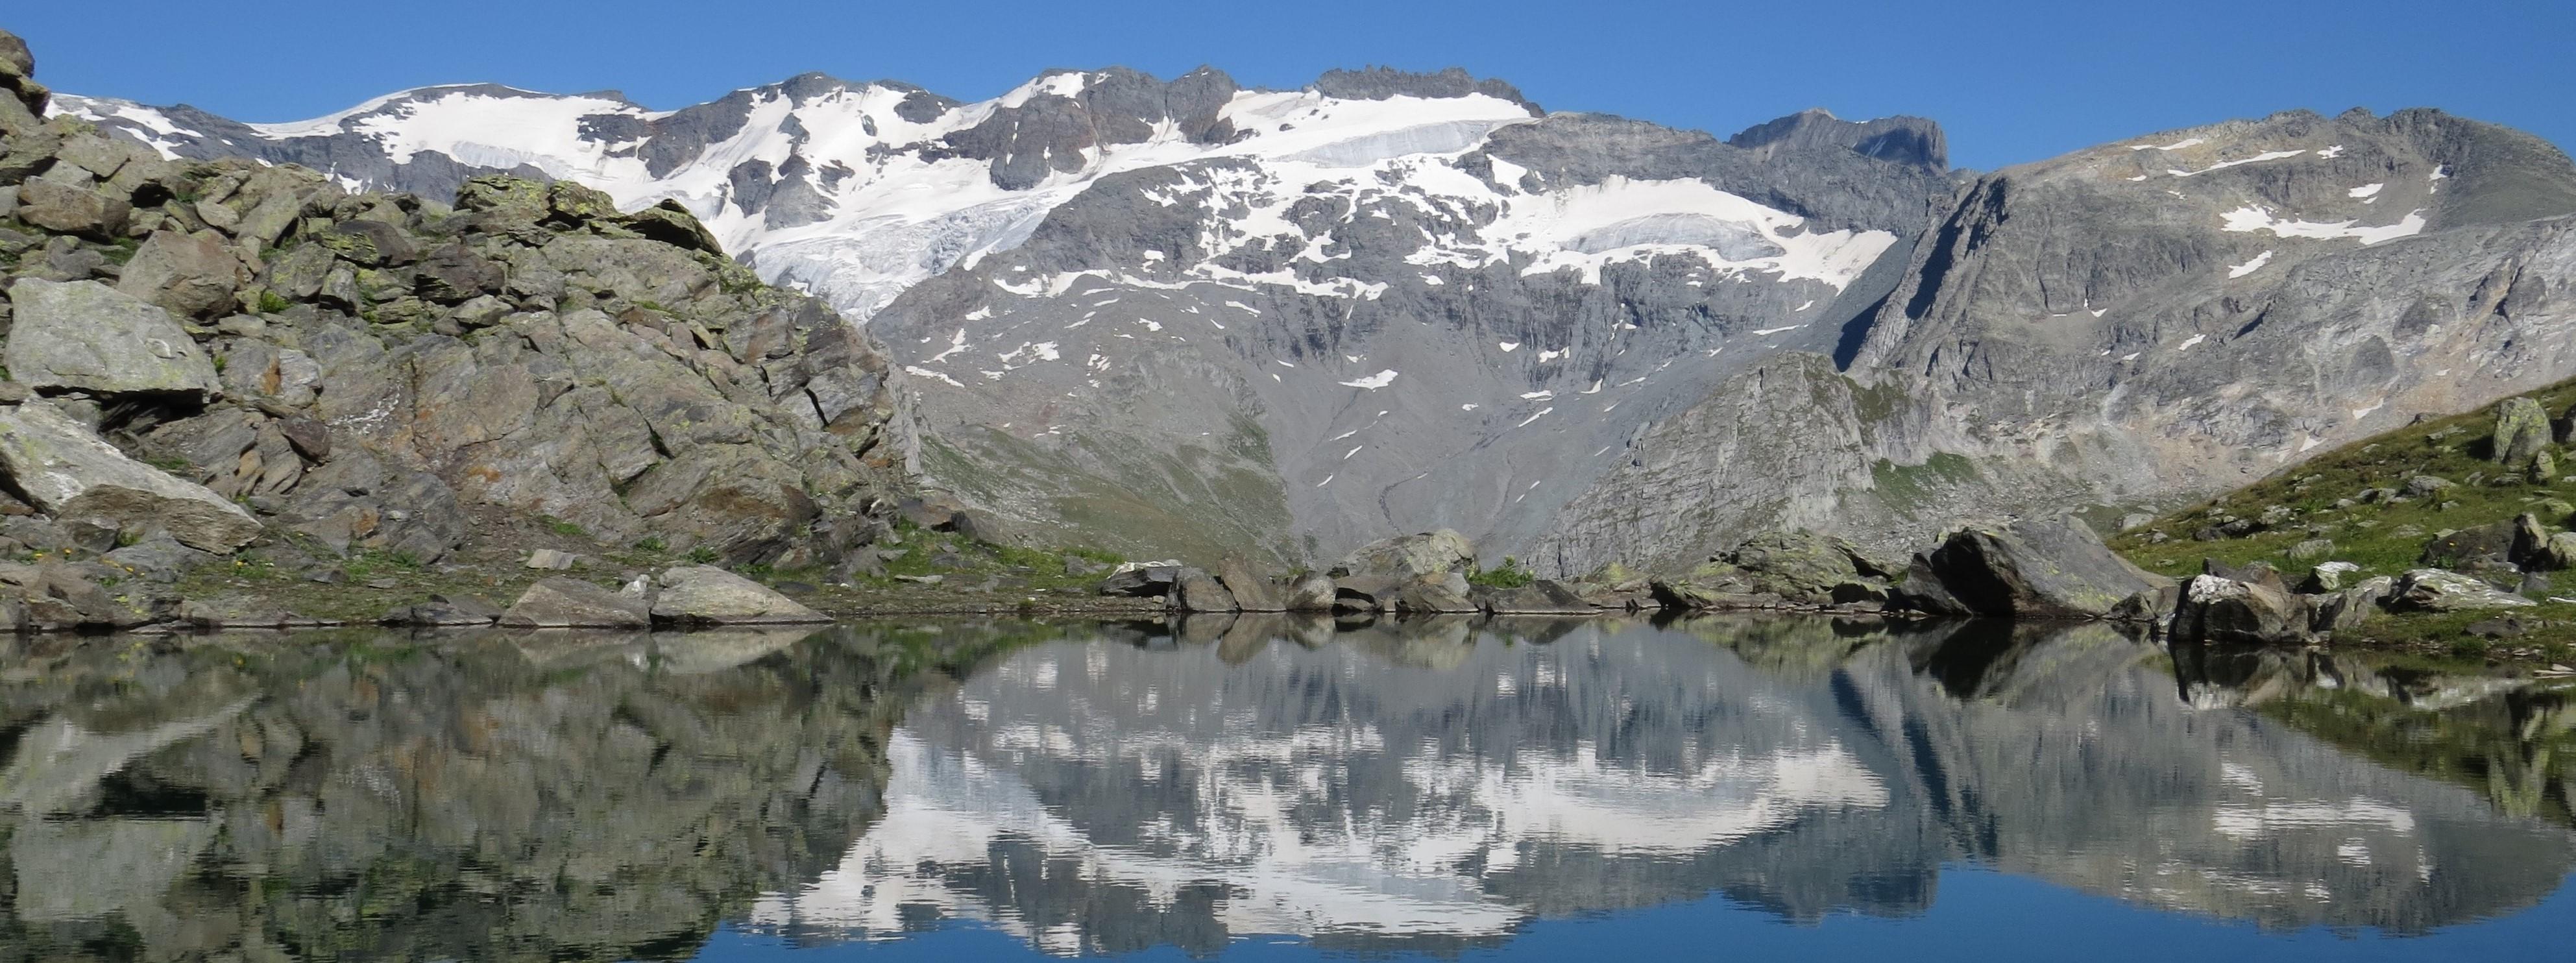 Trek : Tour de l'échelle et Domolite de Vanoise